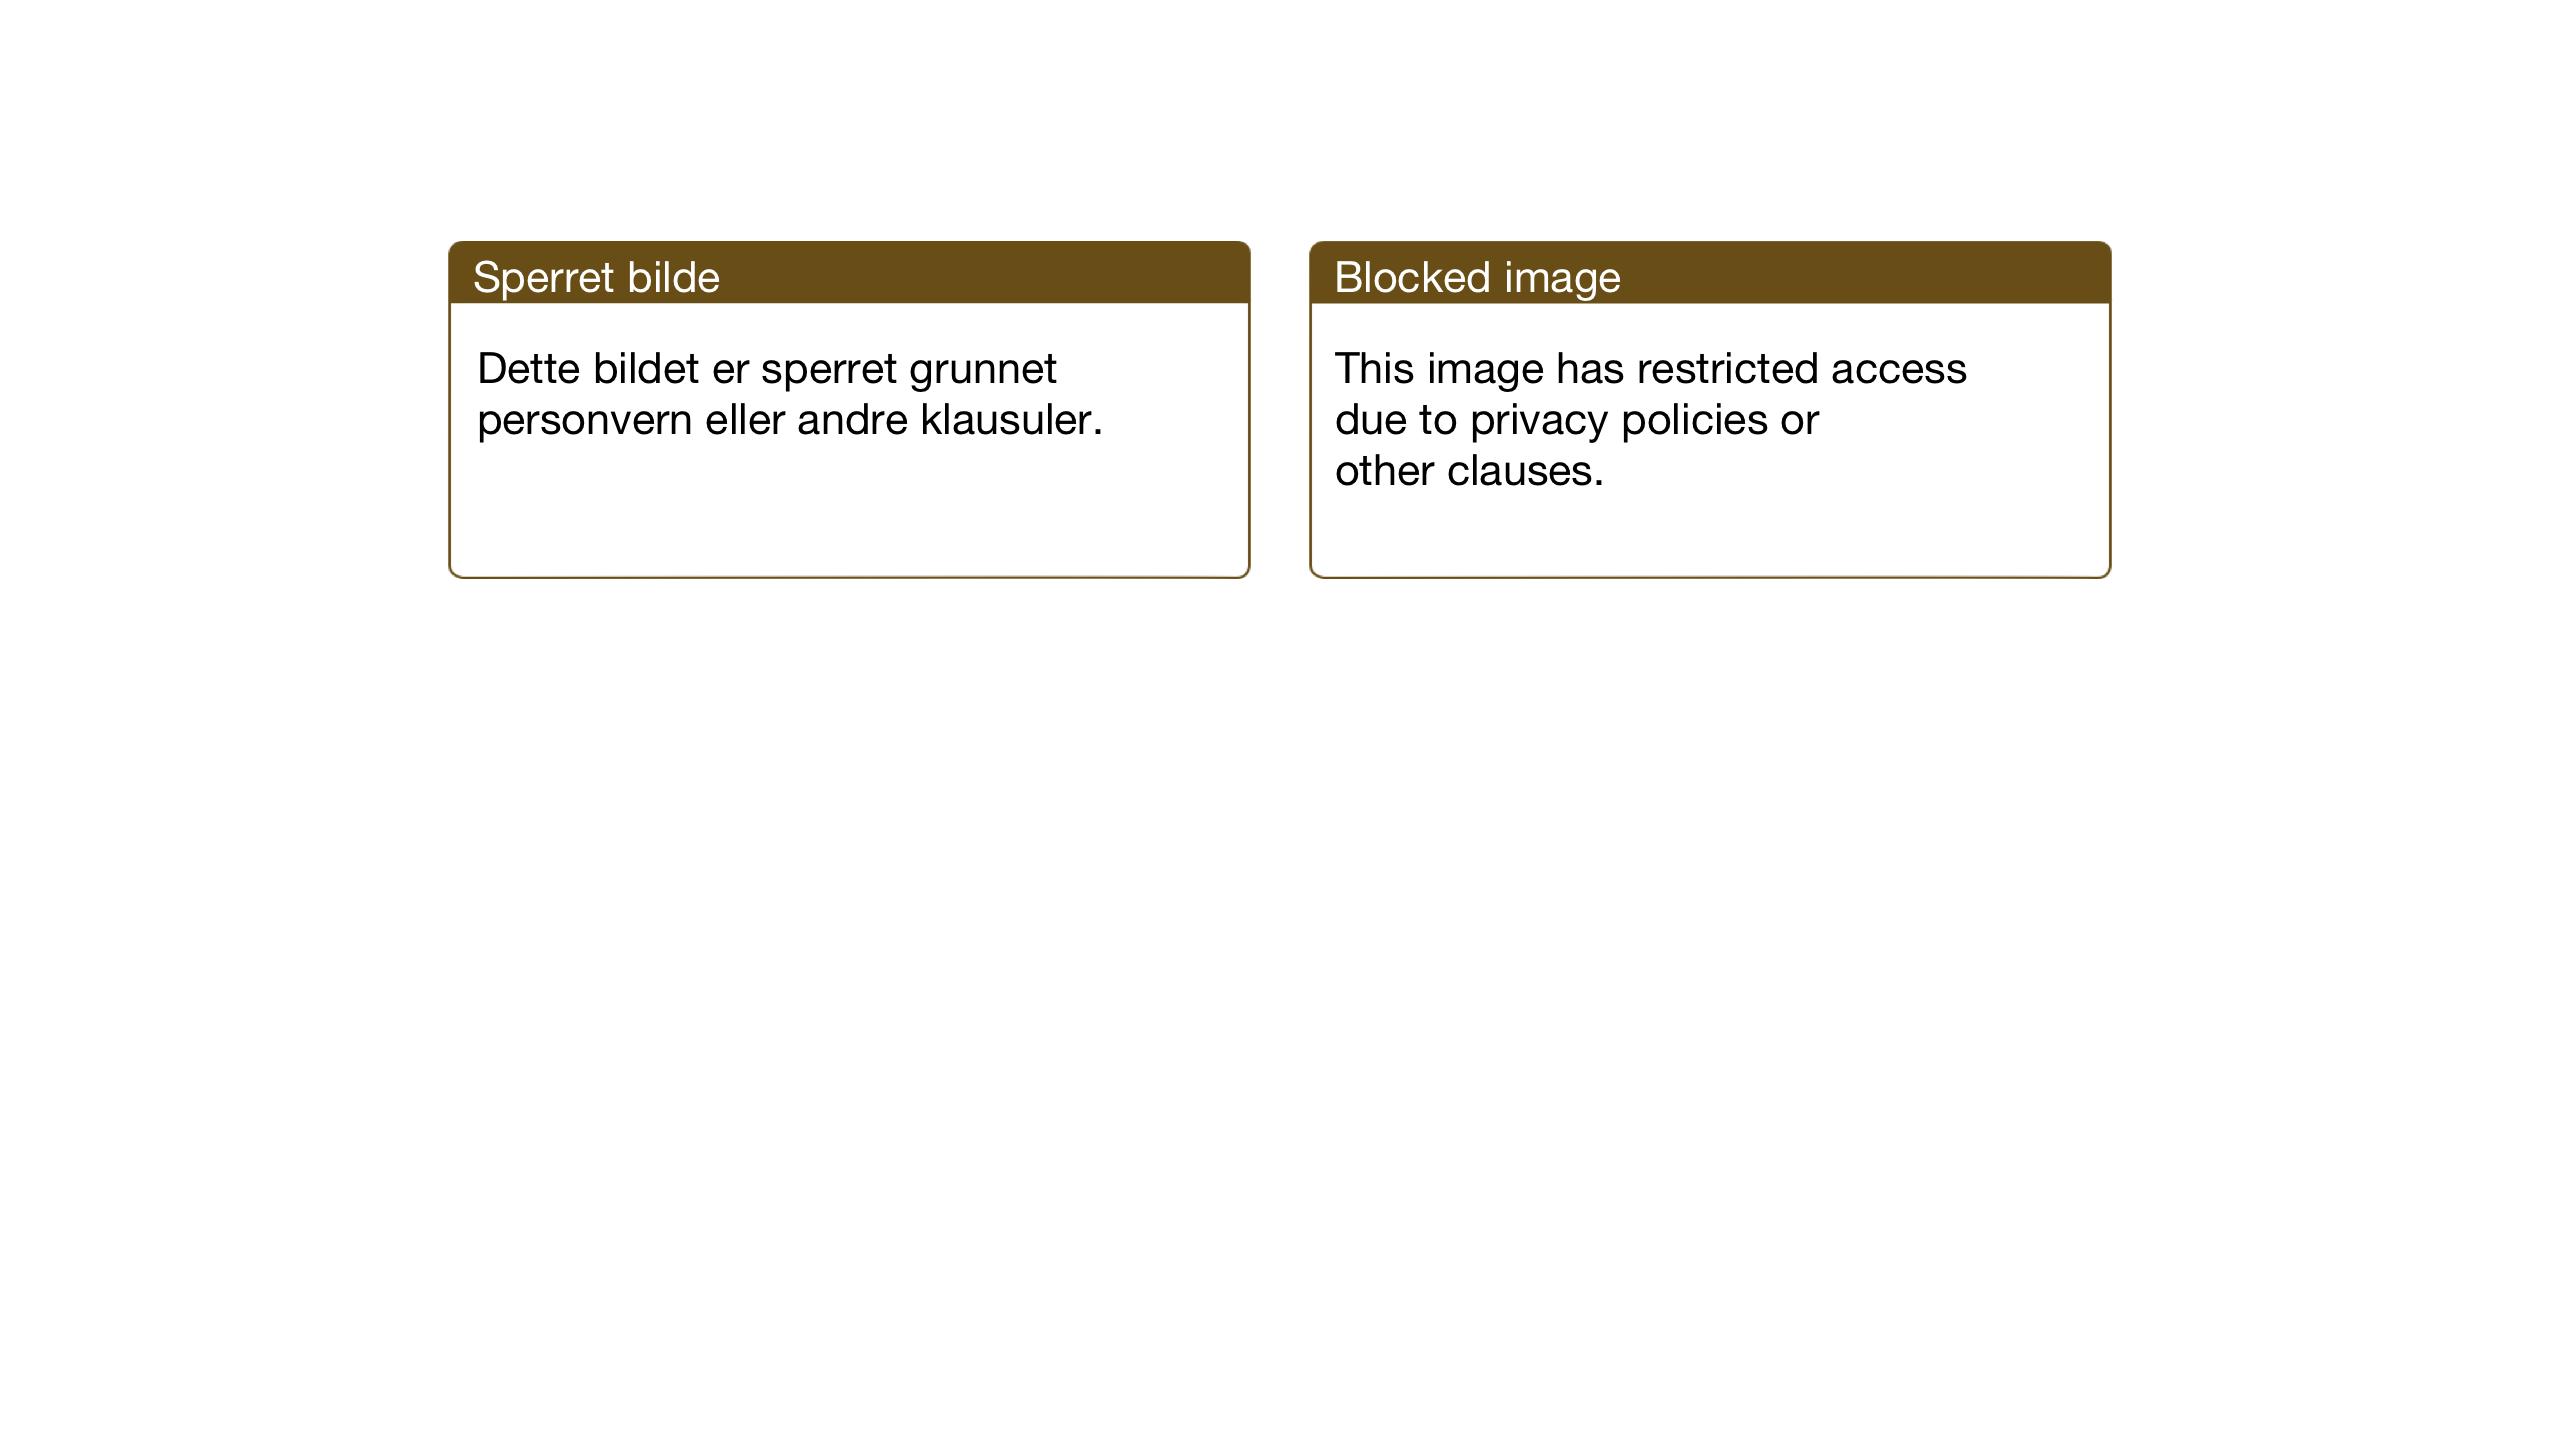 SAT, Ministerialprotokoller, klokkerbøker og fødselsregistre - Nord-Trøndelag, 784/L0678: Ministerialbok nr. 784A13, 1921-1938, s. 64